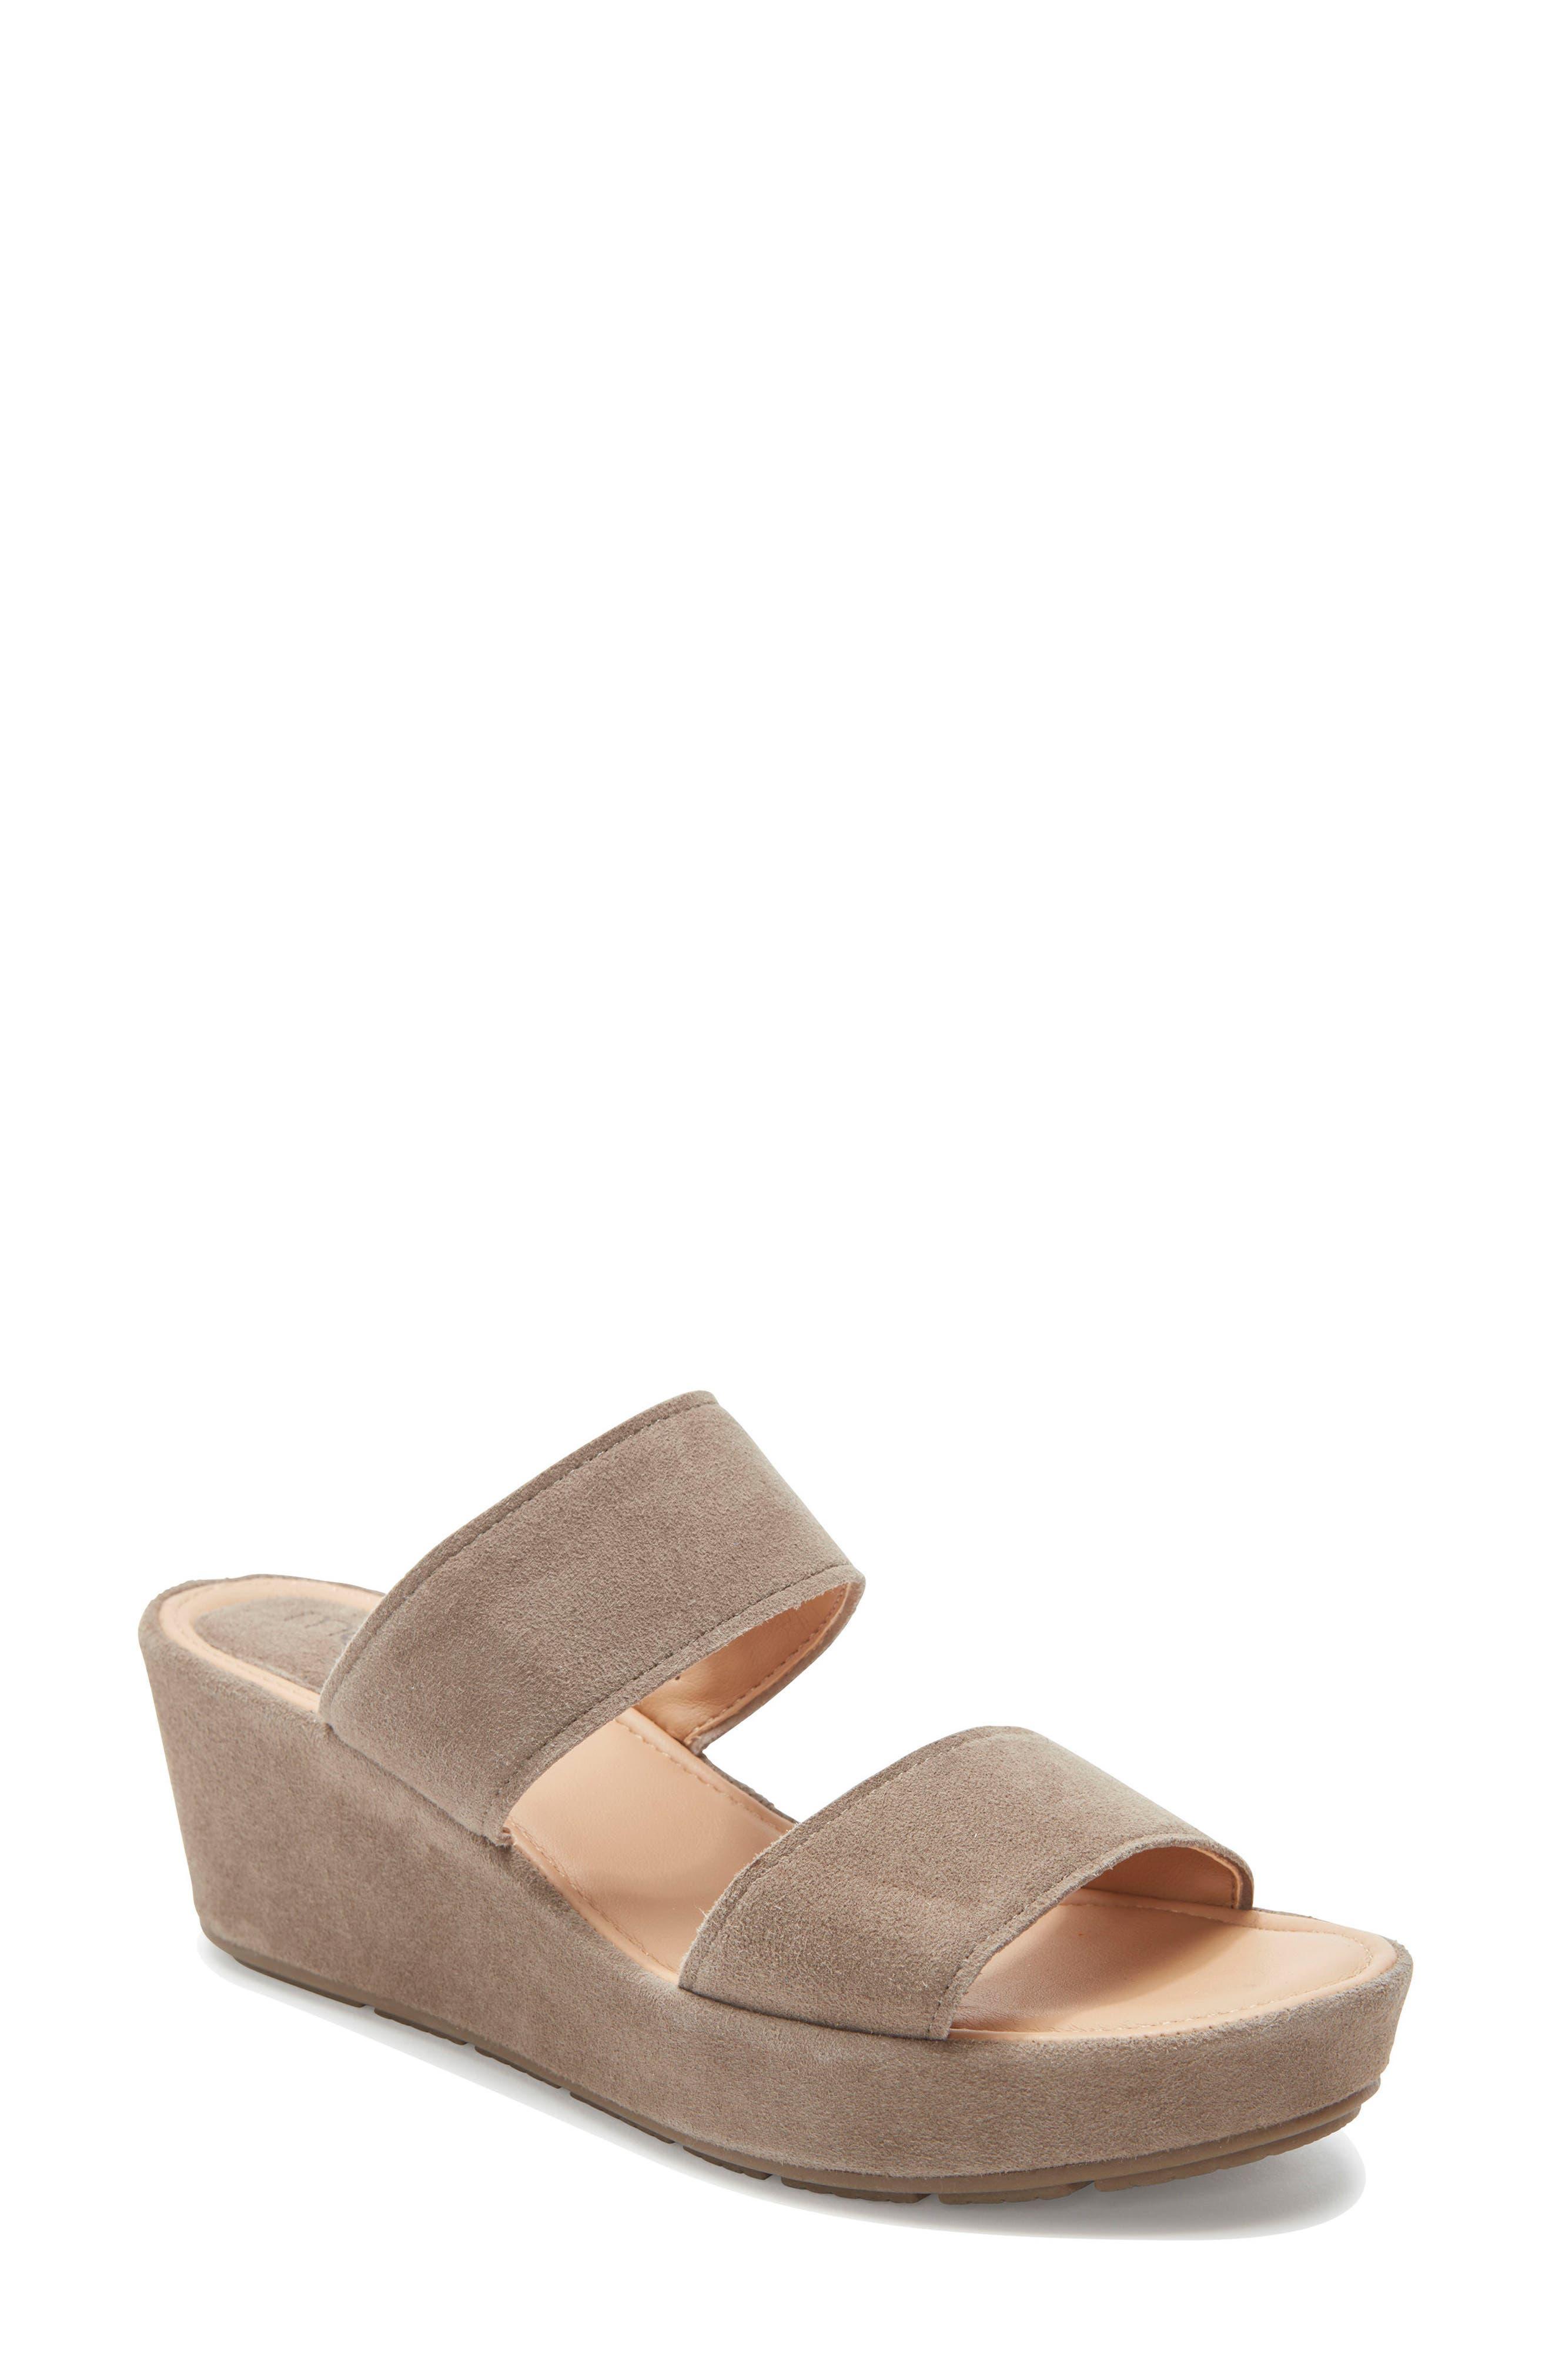 Me Too Albany Wedge Sandal (Women)